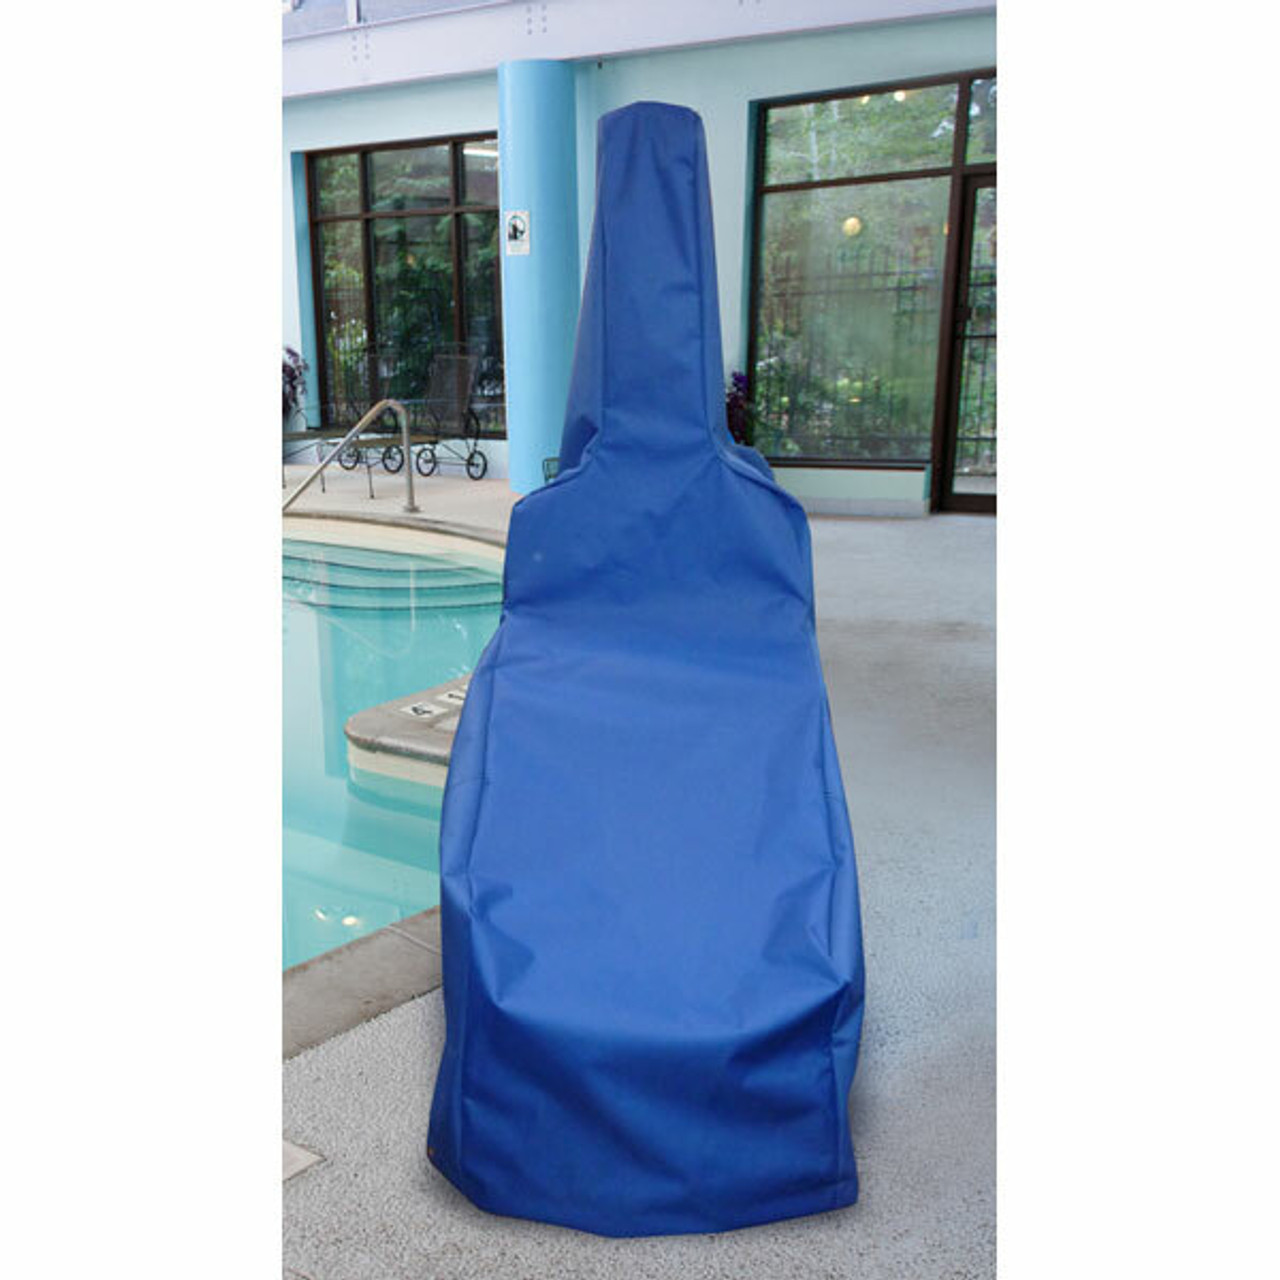 Spectrum Motion Trek - Blue Cover 0.55mm Thickness, Polyethylene